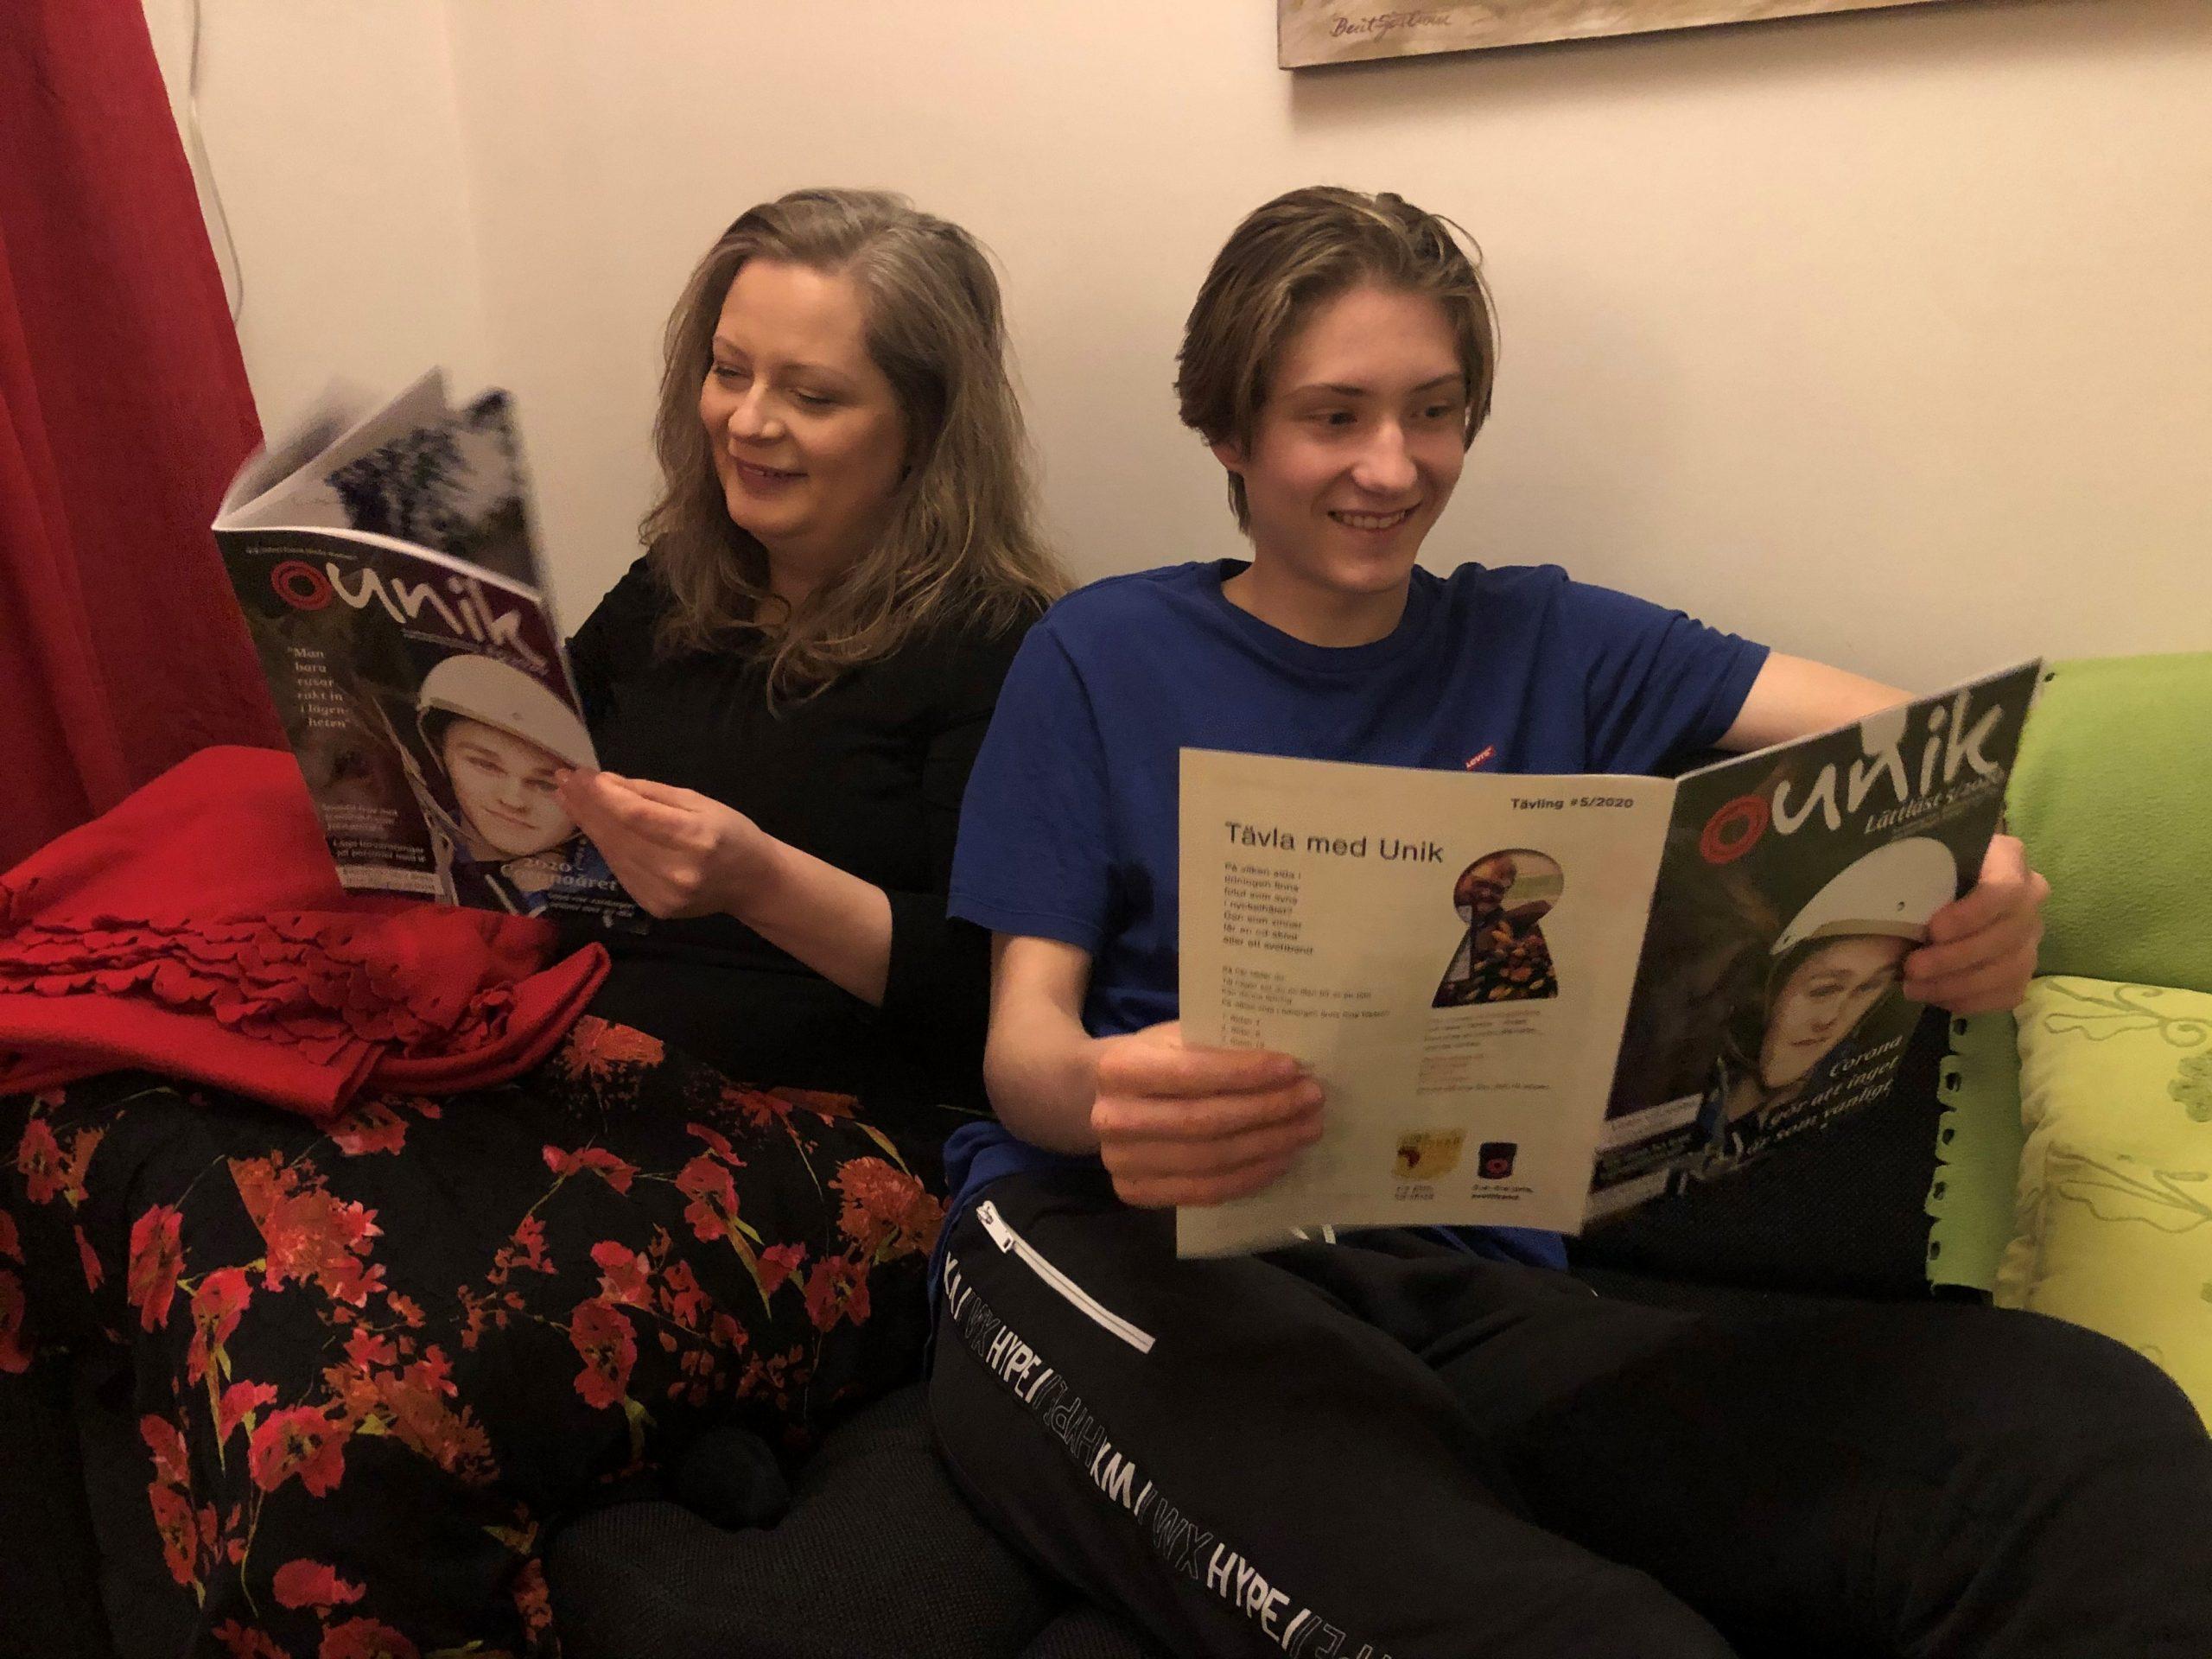 Victoria och David läser Unik nummer 5, 2020